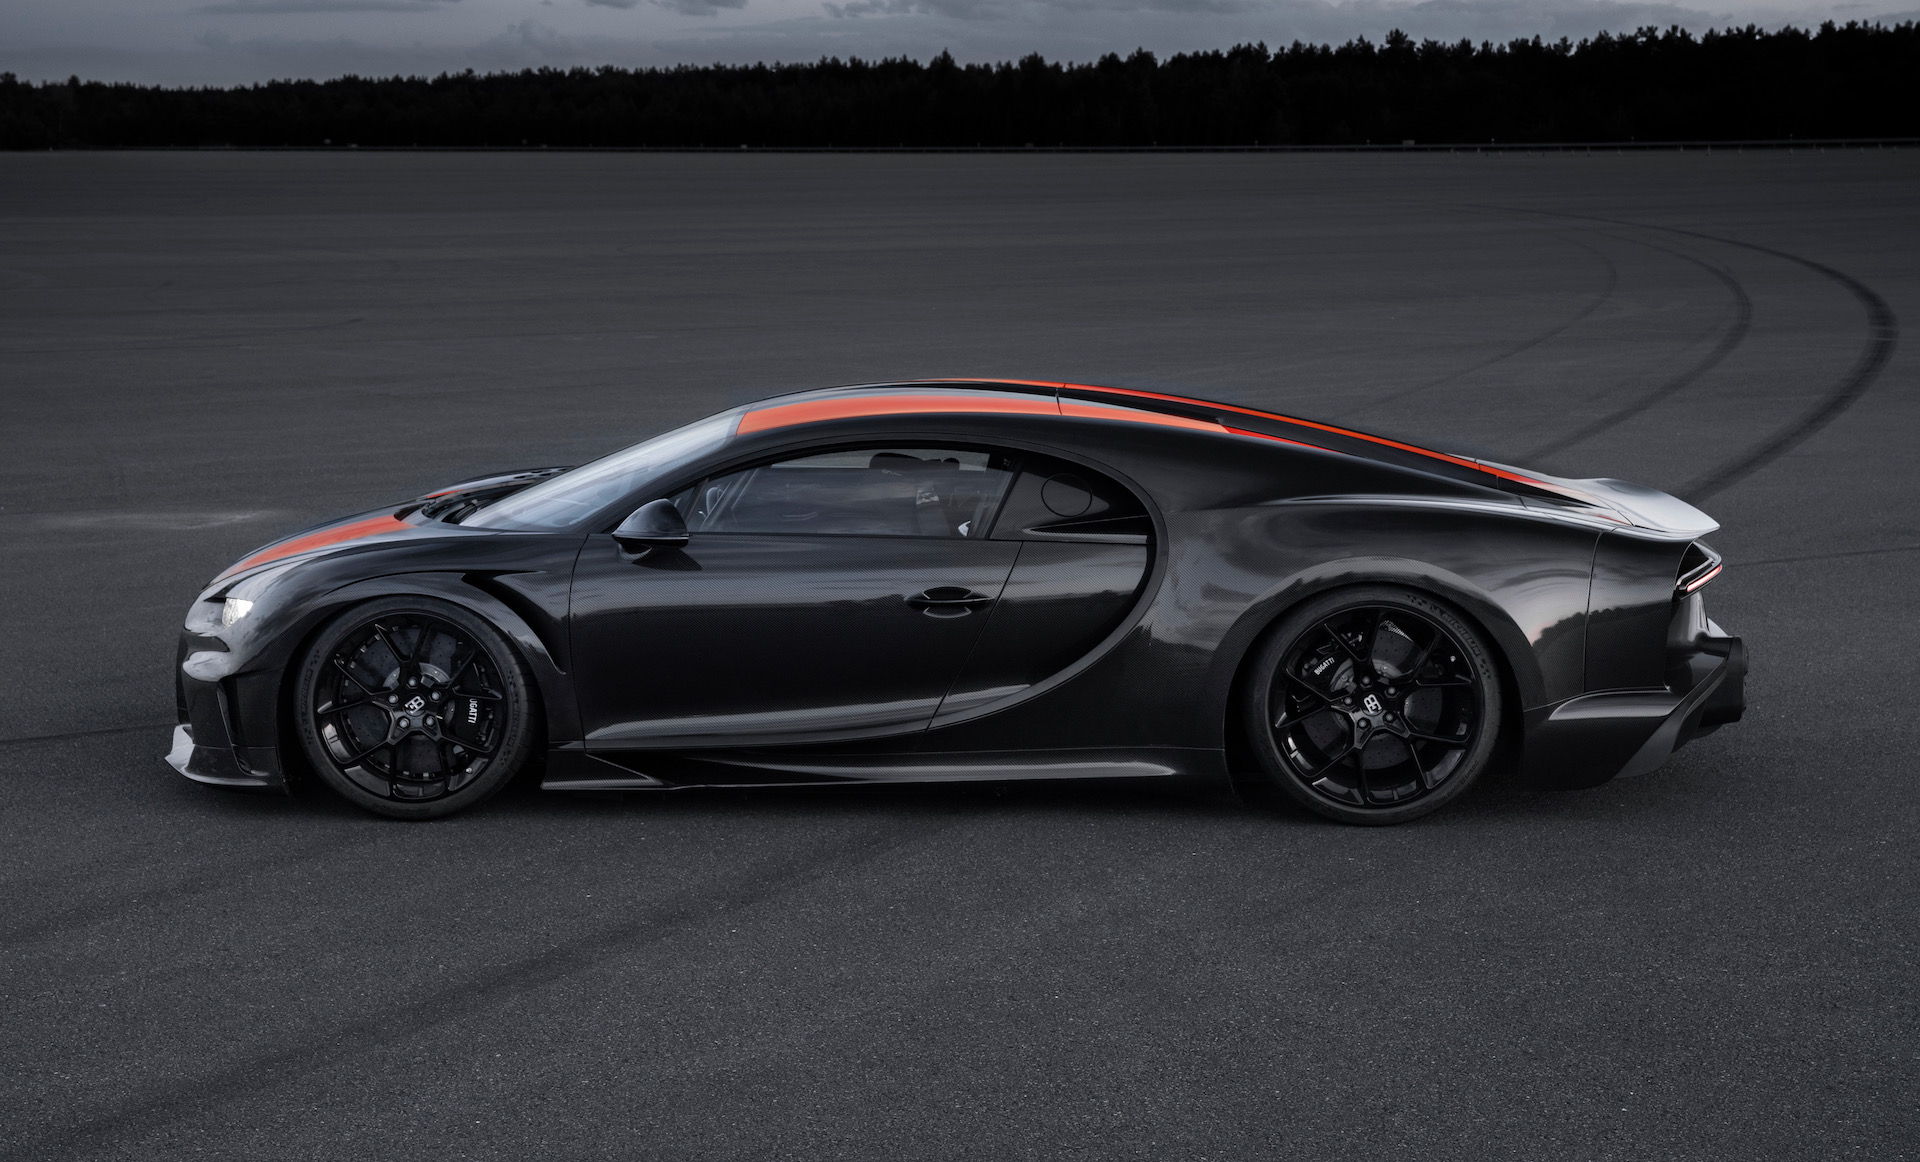 A Bugatti went 305 miles per hour. That's a record